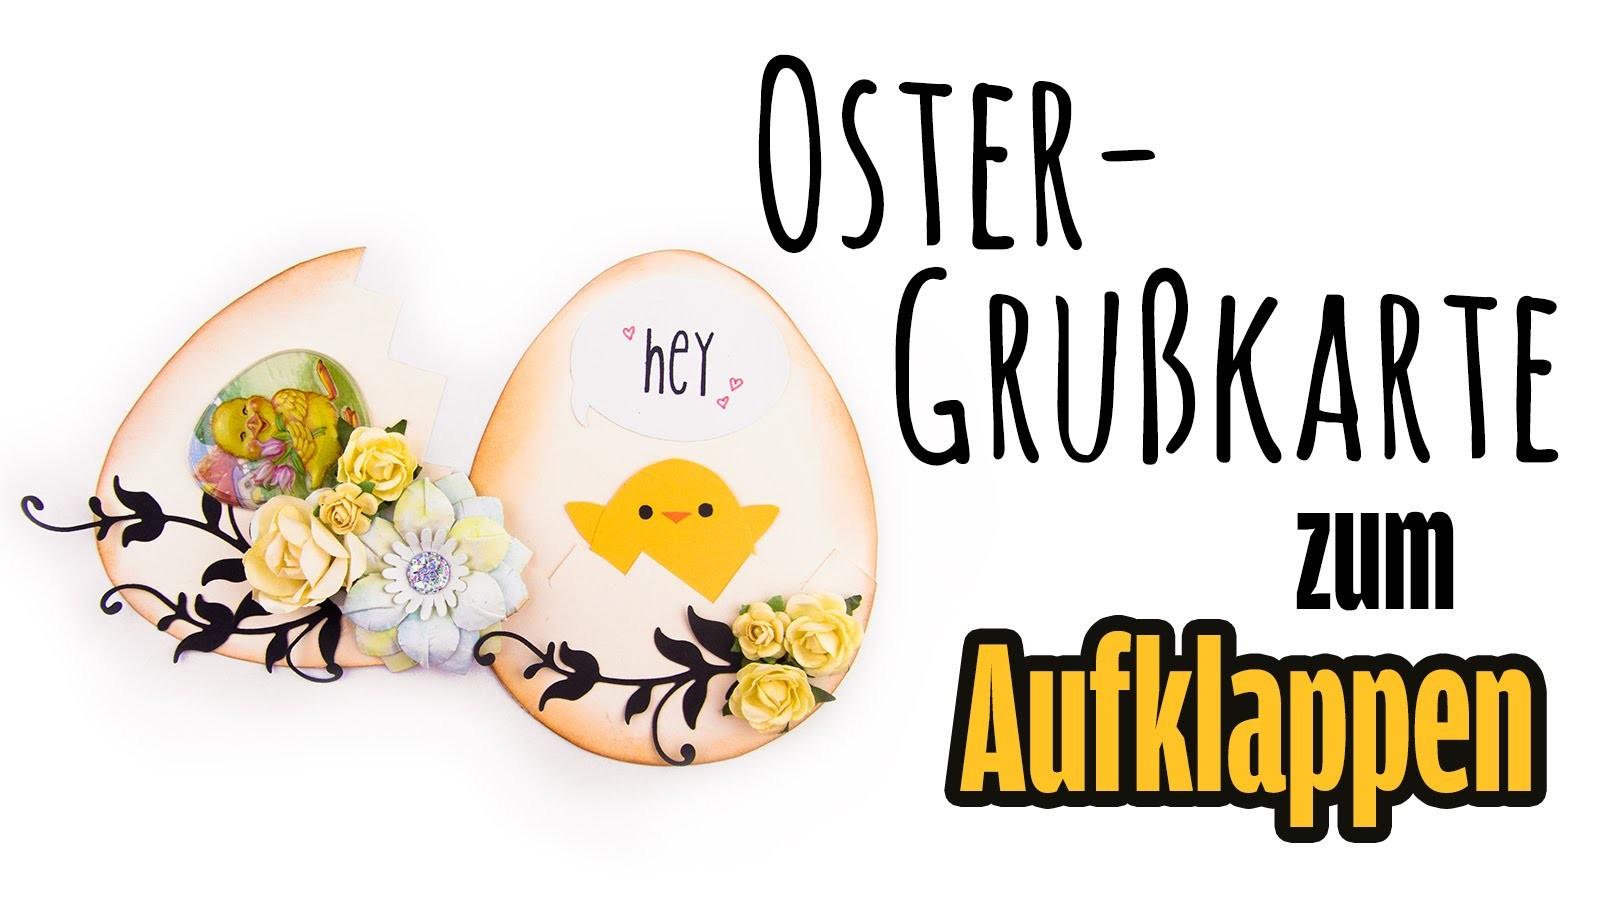 [Ostern #3] Grußkarte in Eierform zum Aufklappen | DIY Ostergrüße